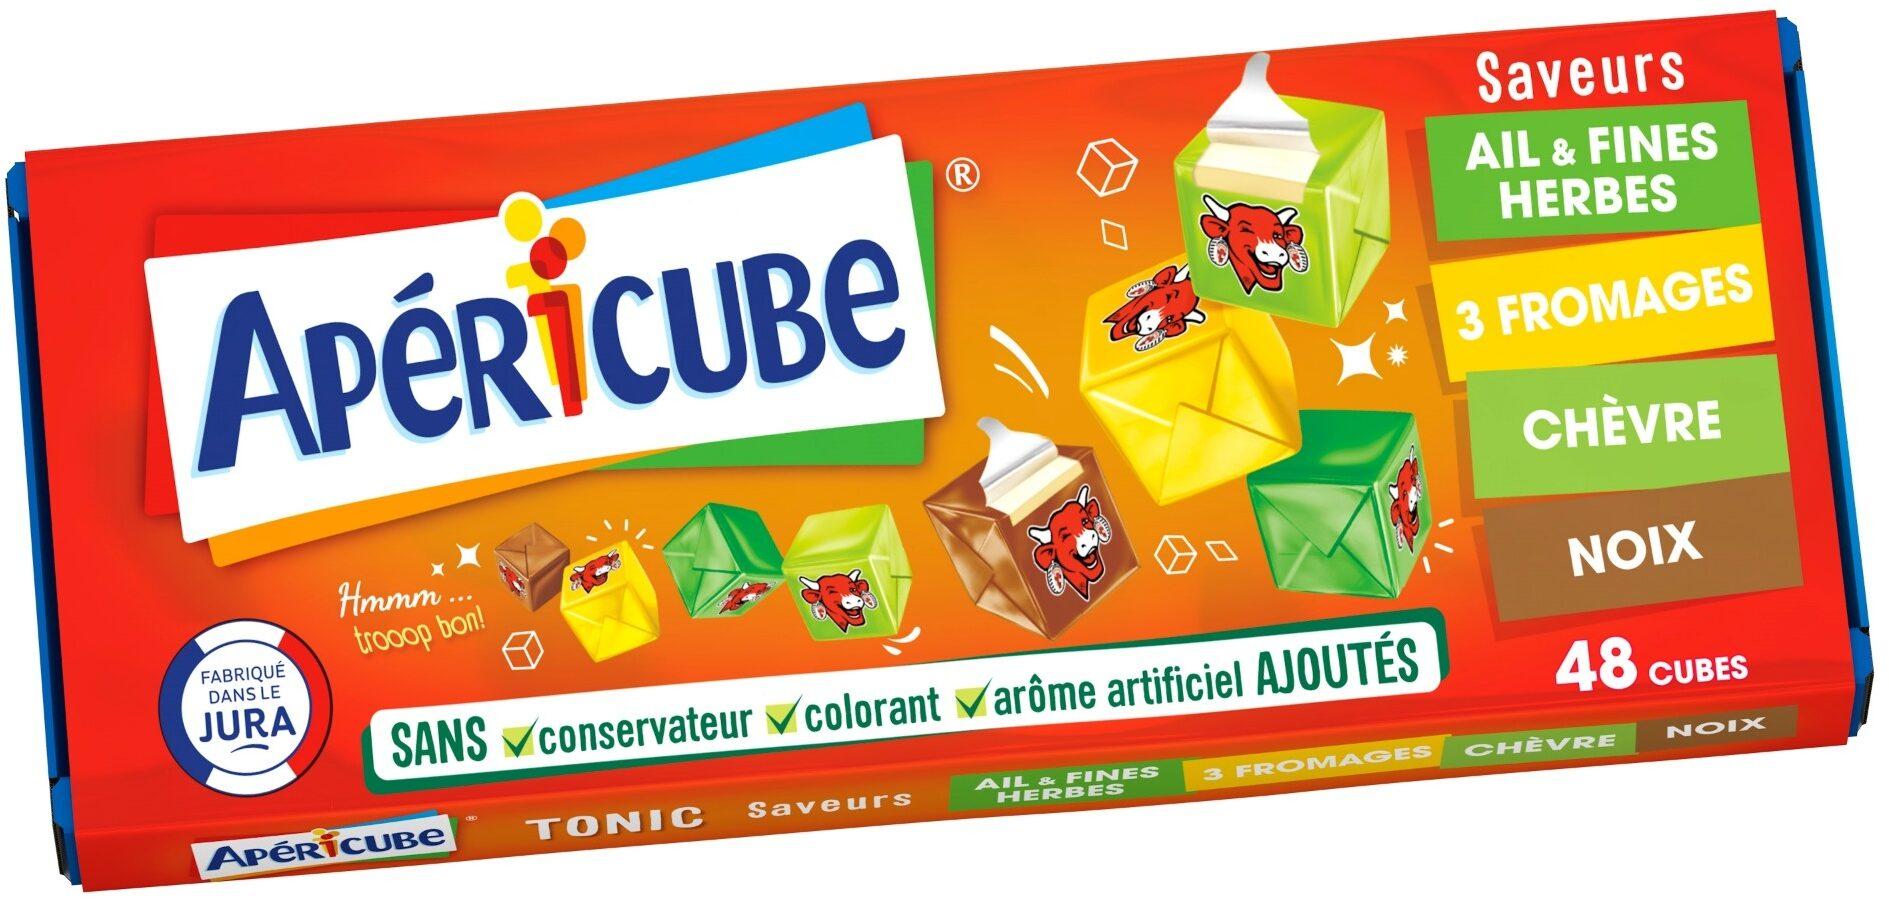 Apéricube Tonic (Ail & Fines Herbes, 3 Fromages, Chèvre, Noix) - Product - fr